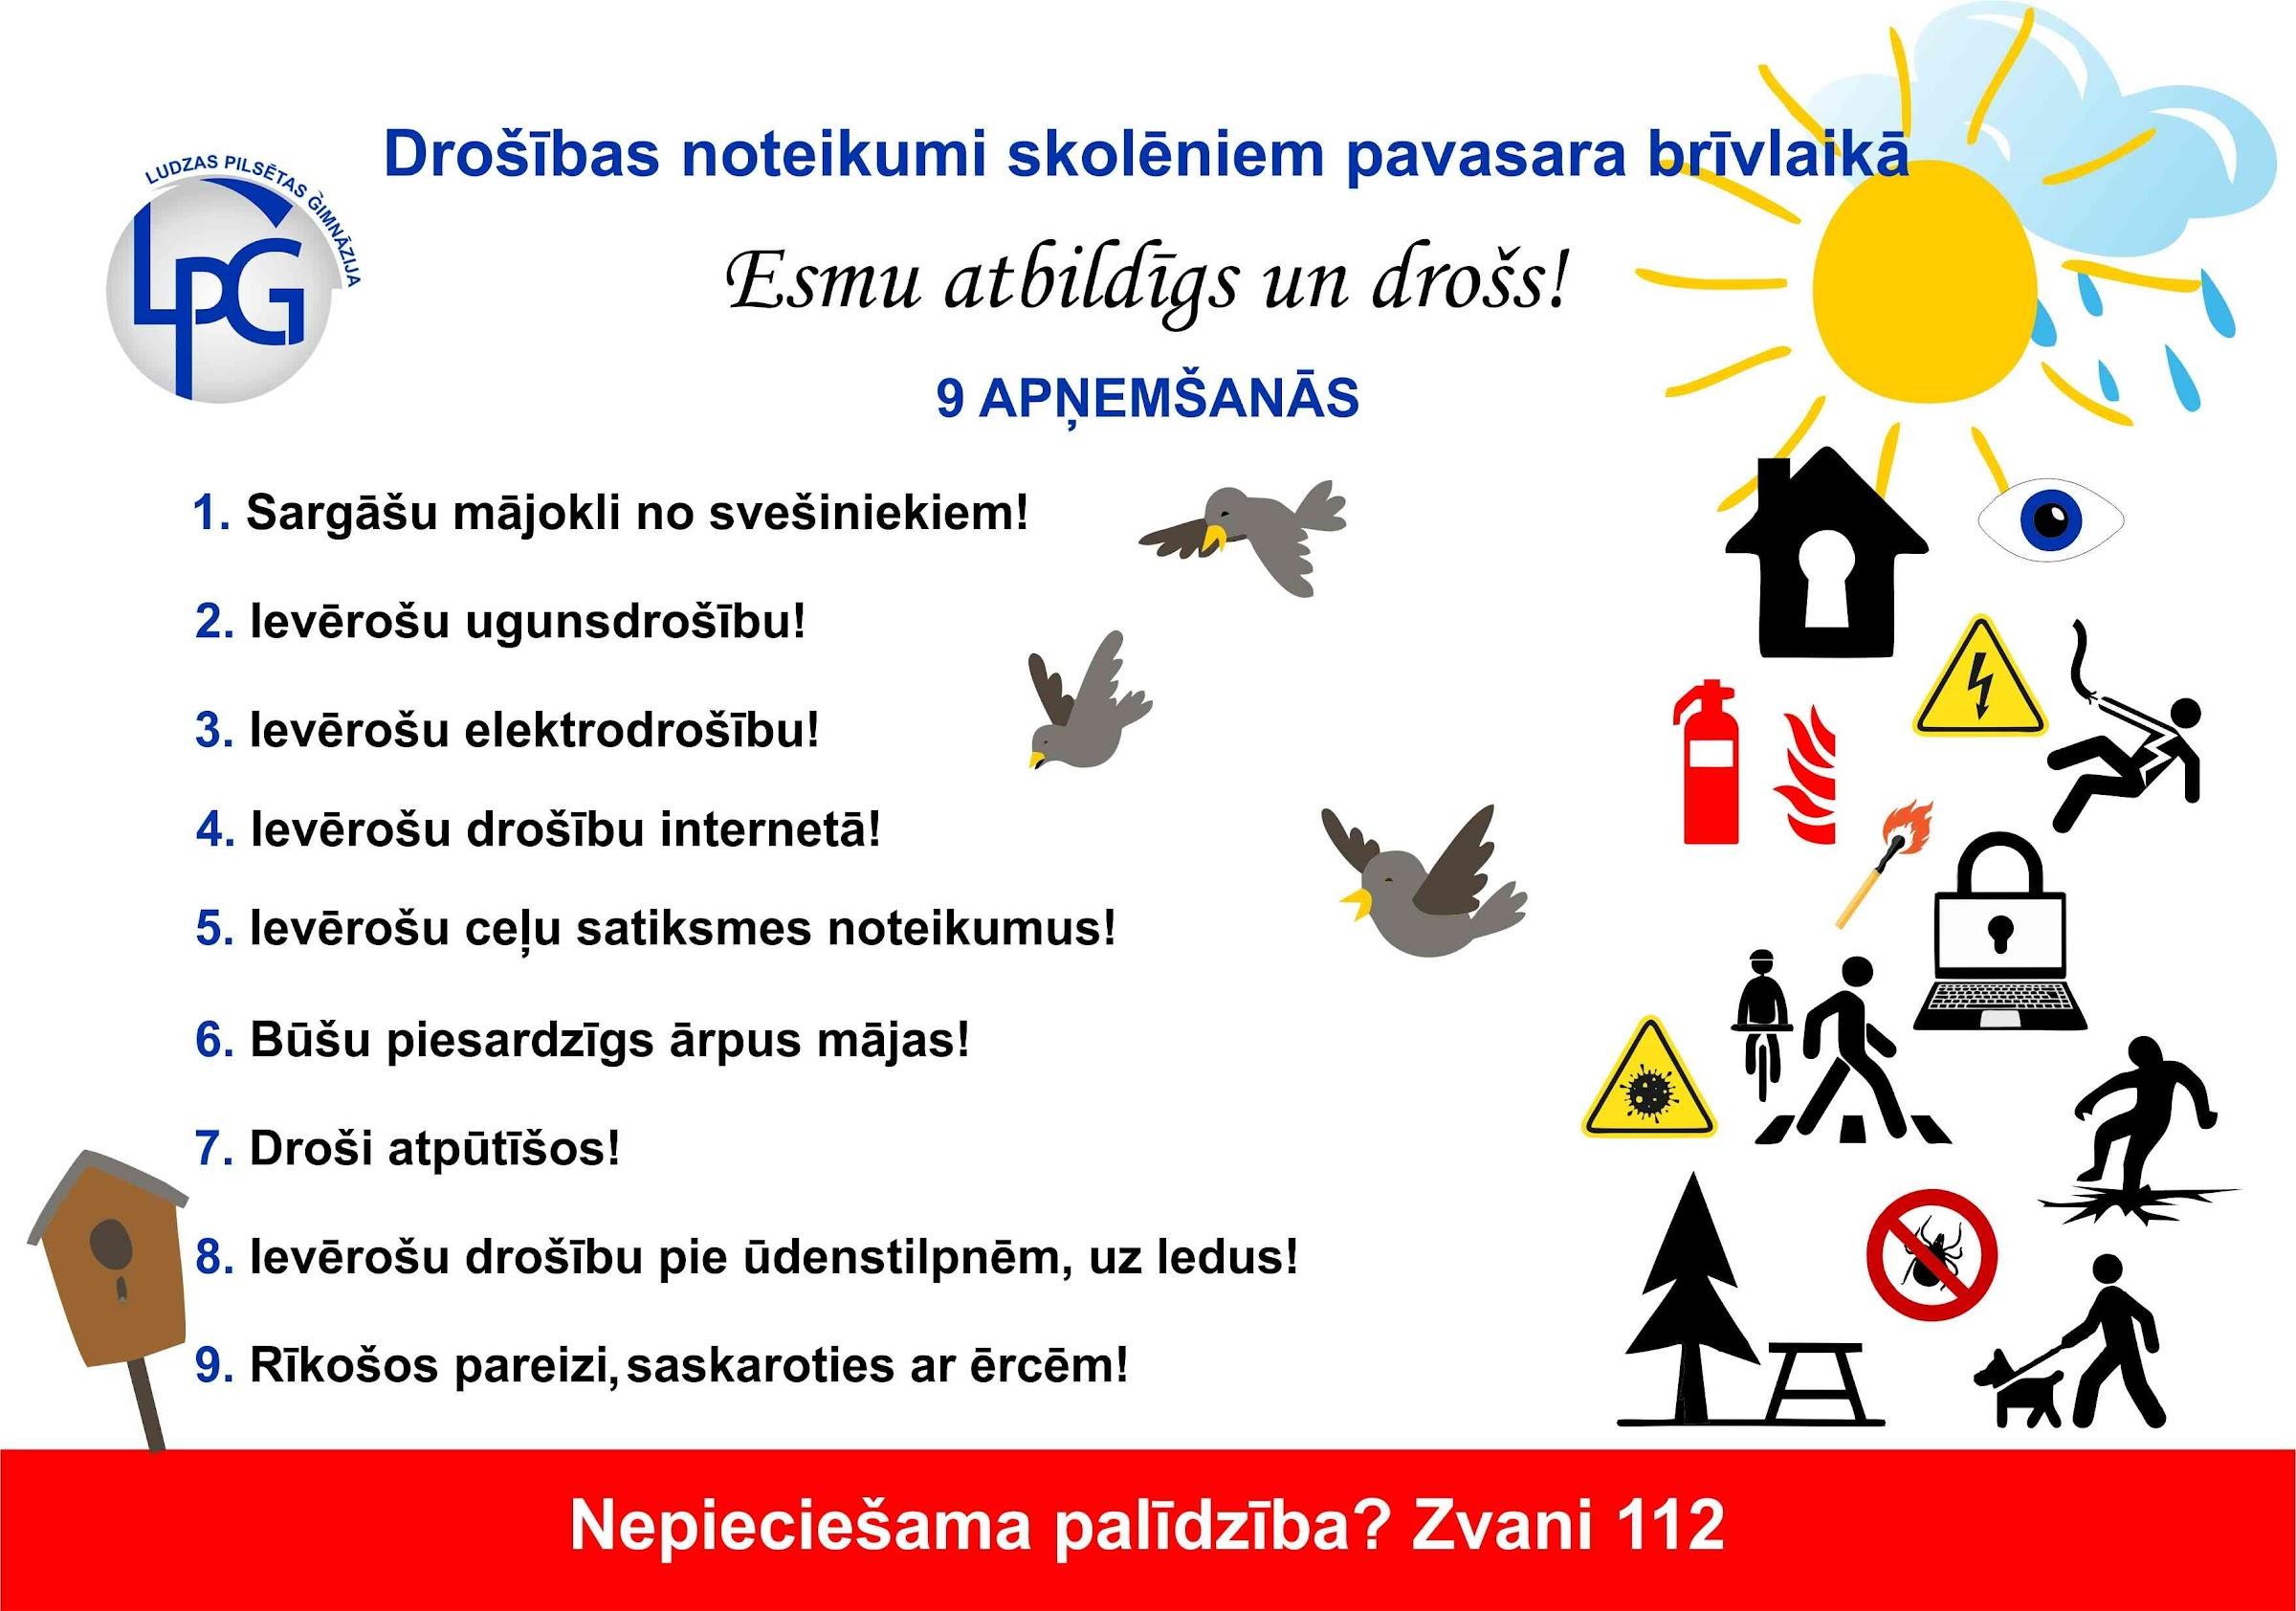 Uzskaitīti drošības noteikumi skolēniem pavasara brīvlaikā